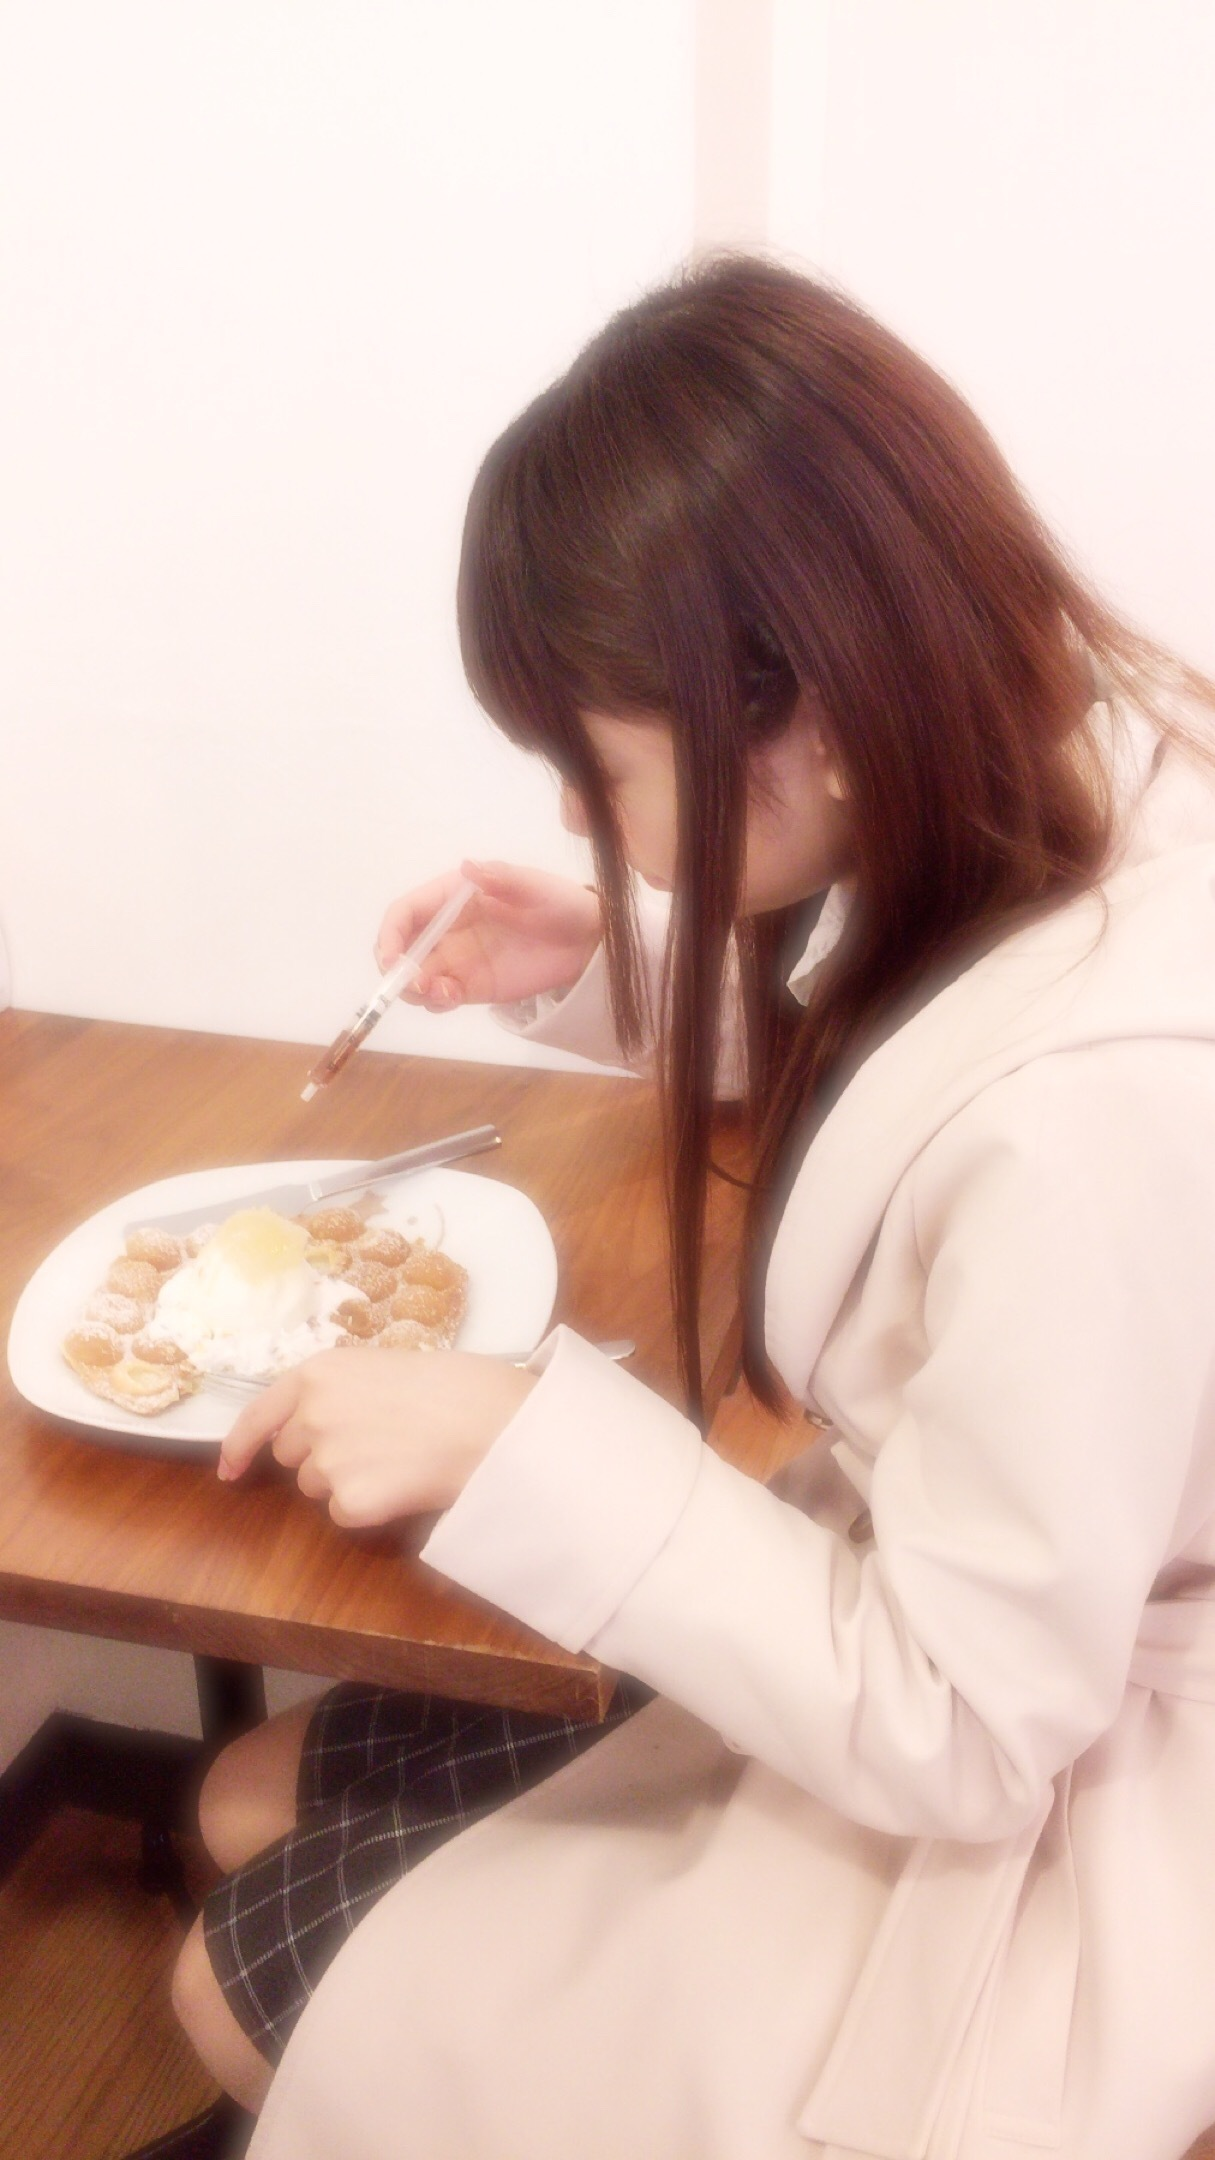 ソフトクリーム専門店 Honey Trip に行ってきました!_1_4